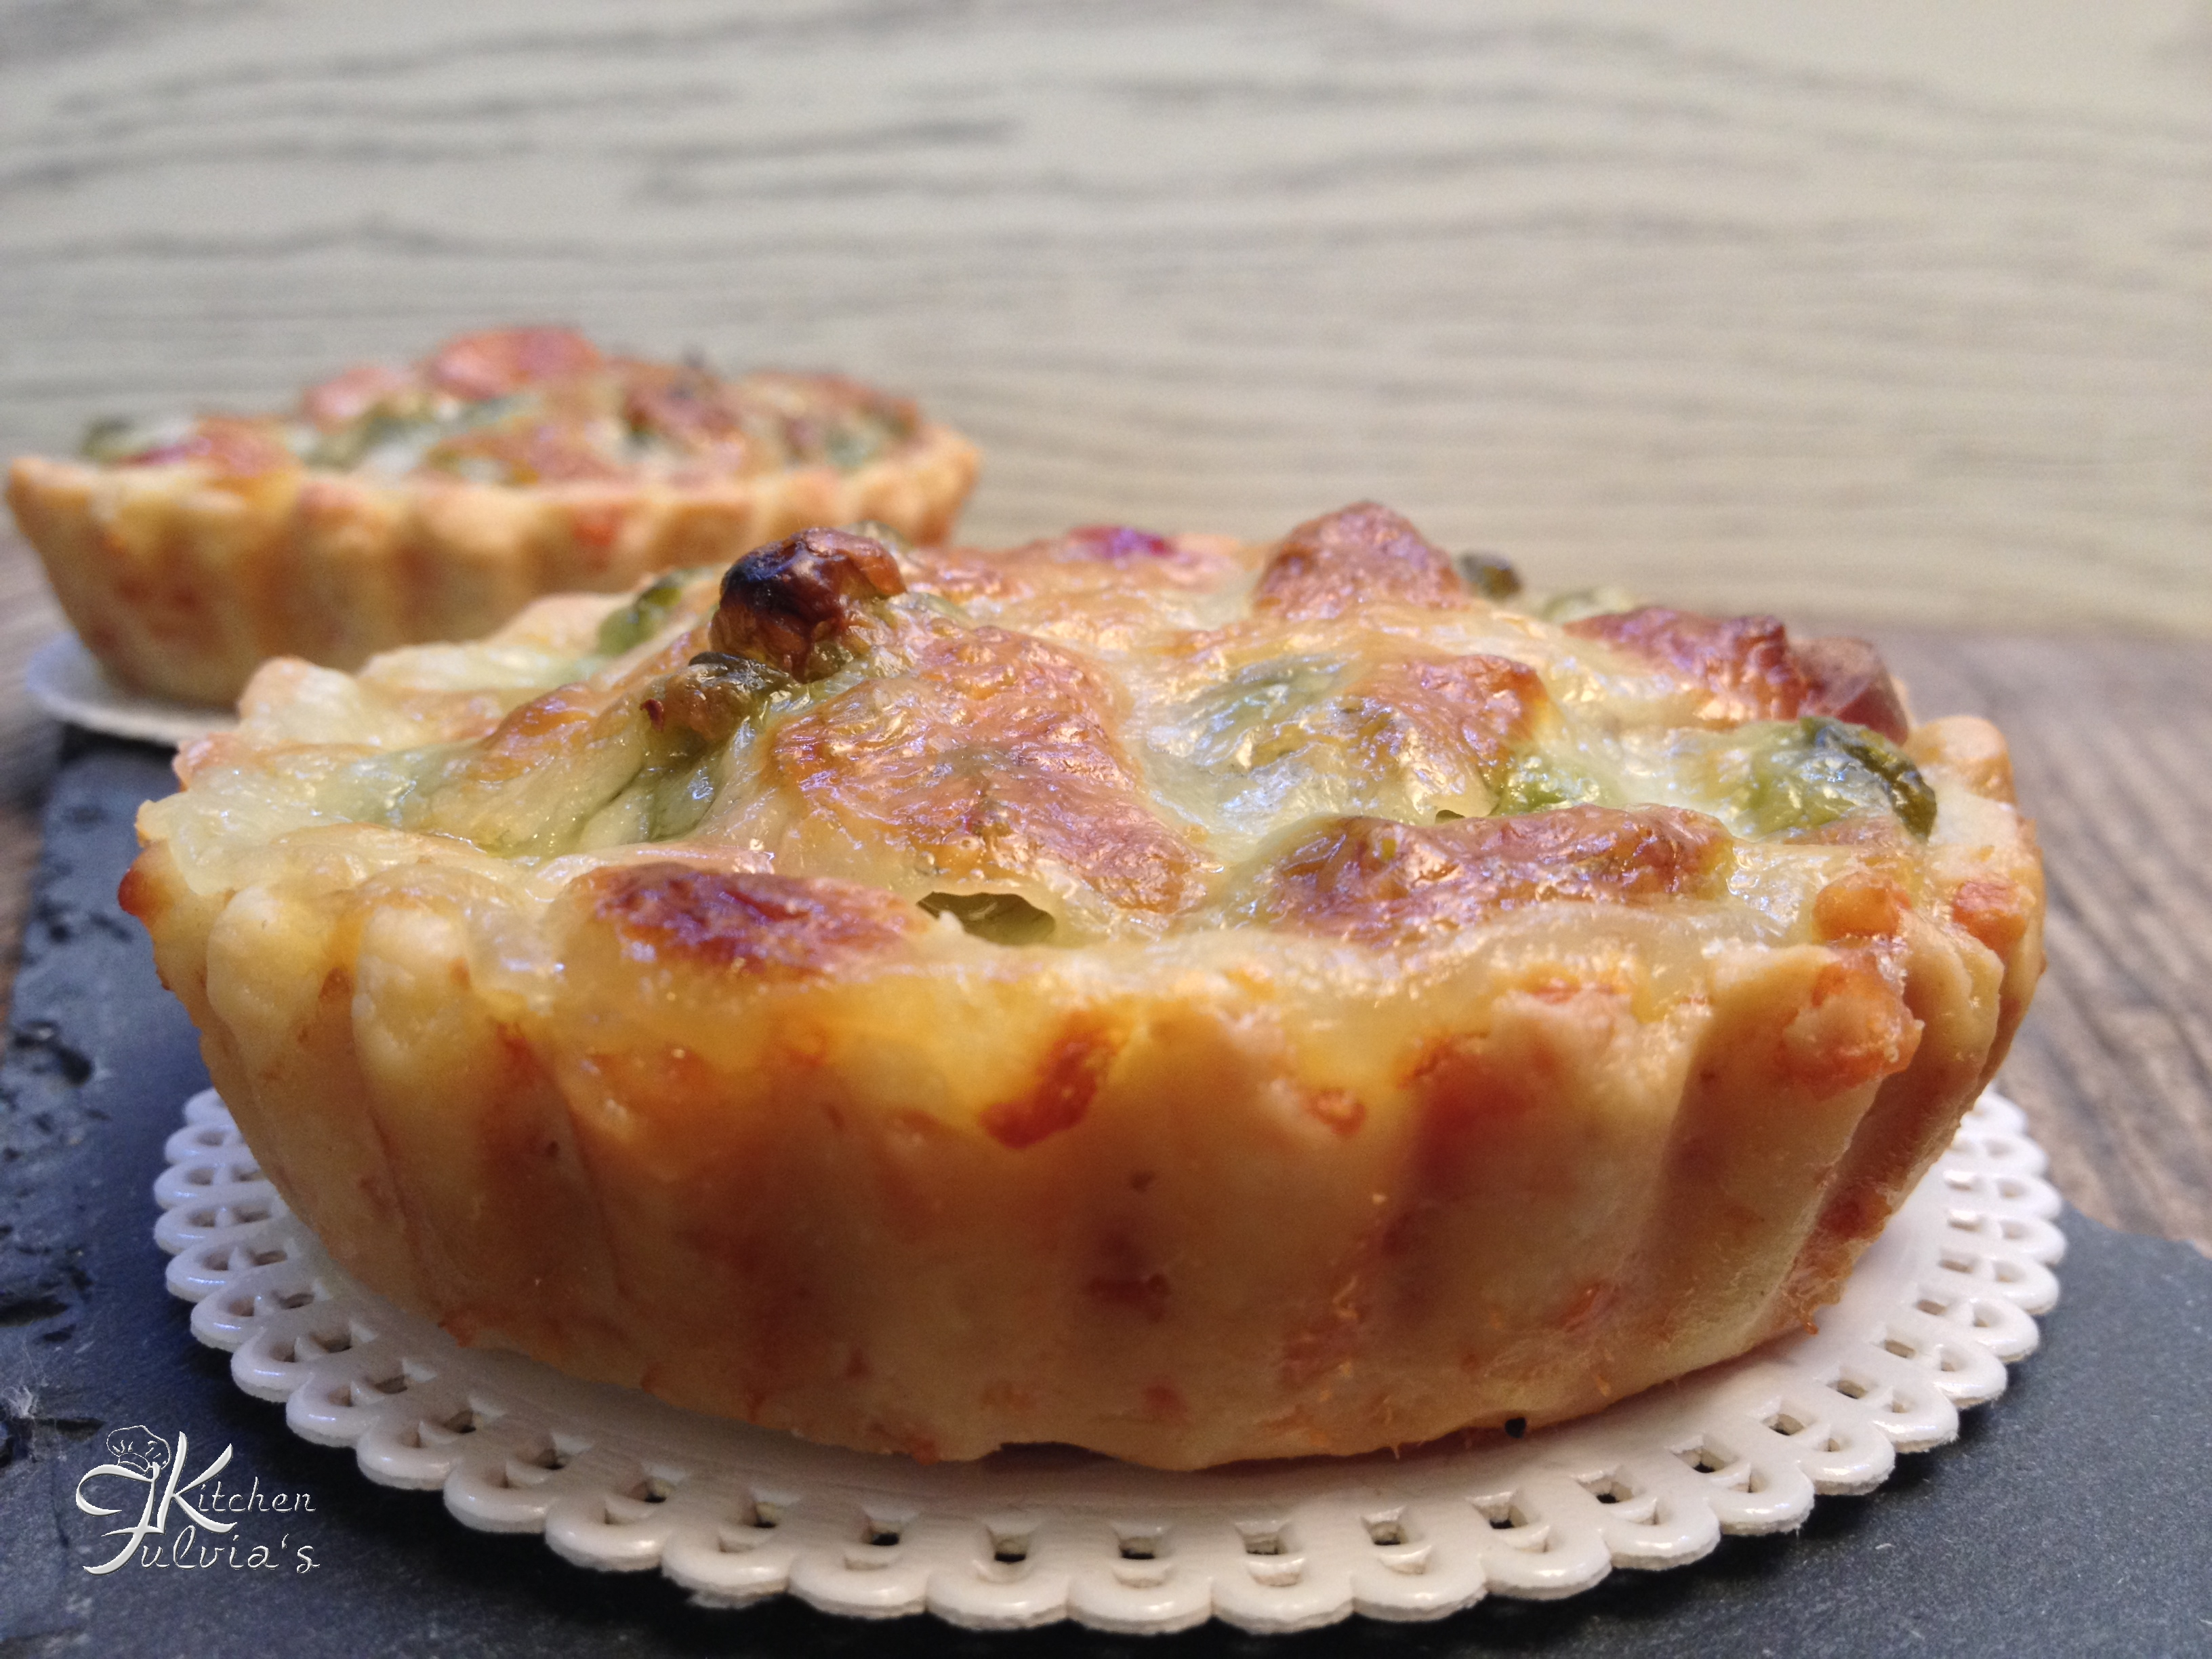 Mini quiche di frolla salata con piselli, wurstel e mozzarella